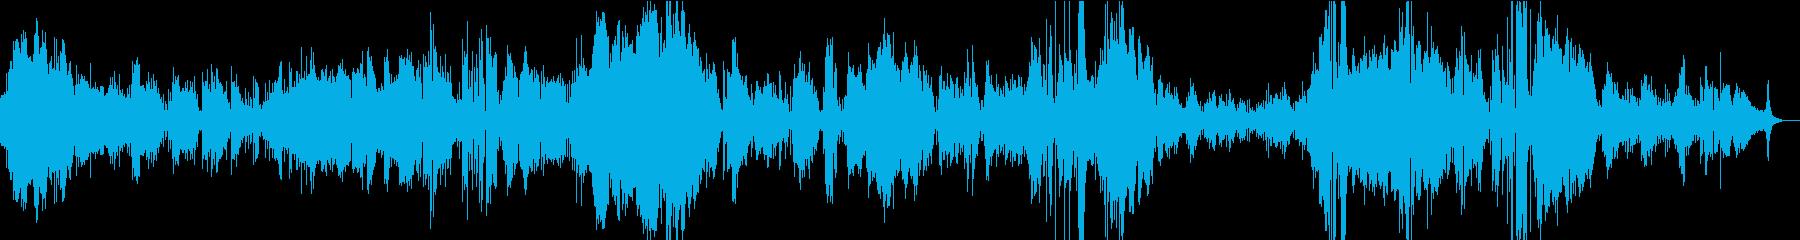 ラテンバラードな豪華ビッグバンドの再生済みの波形